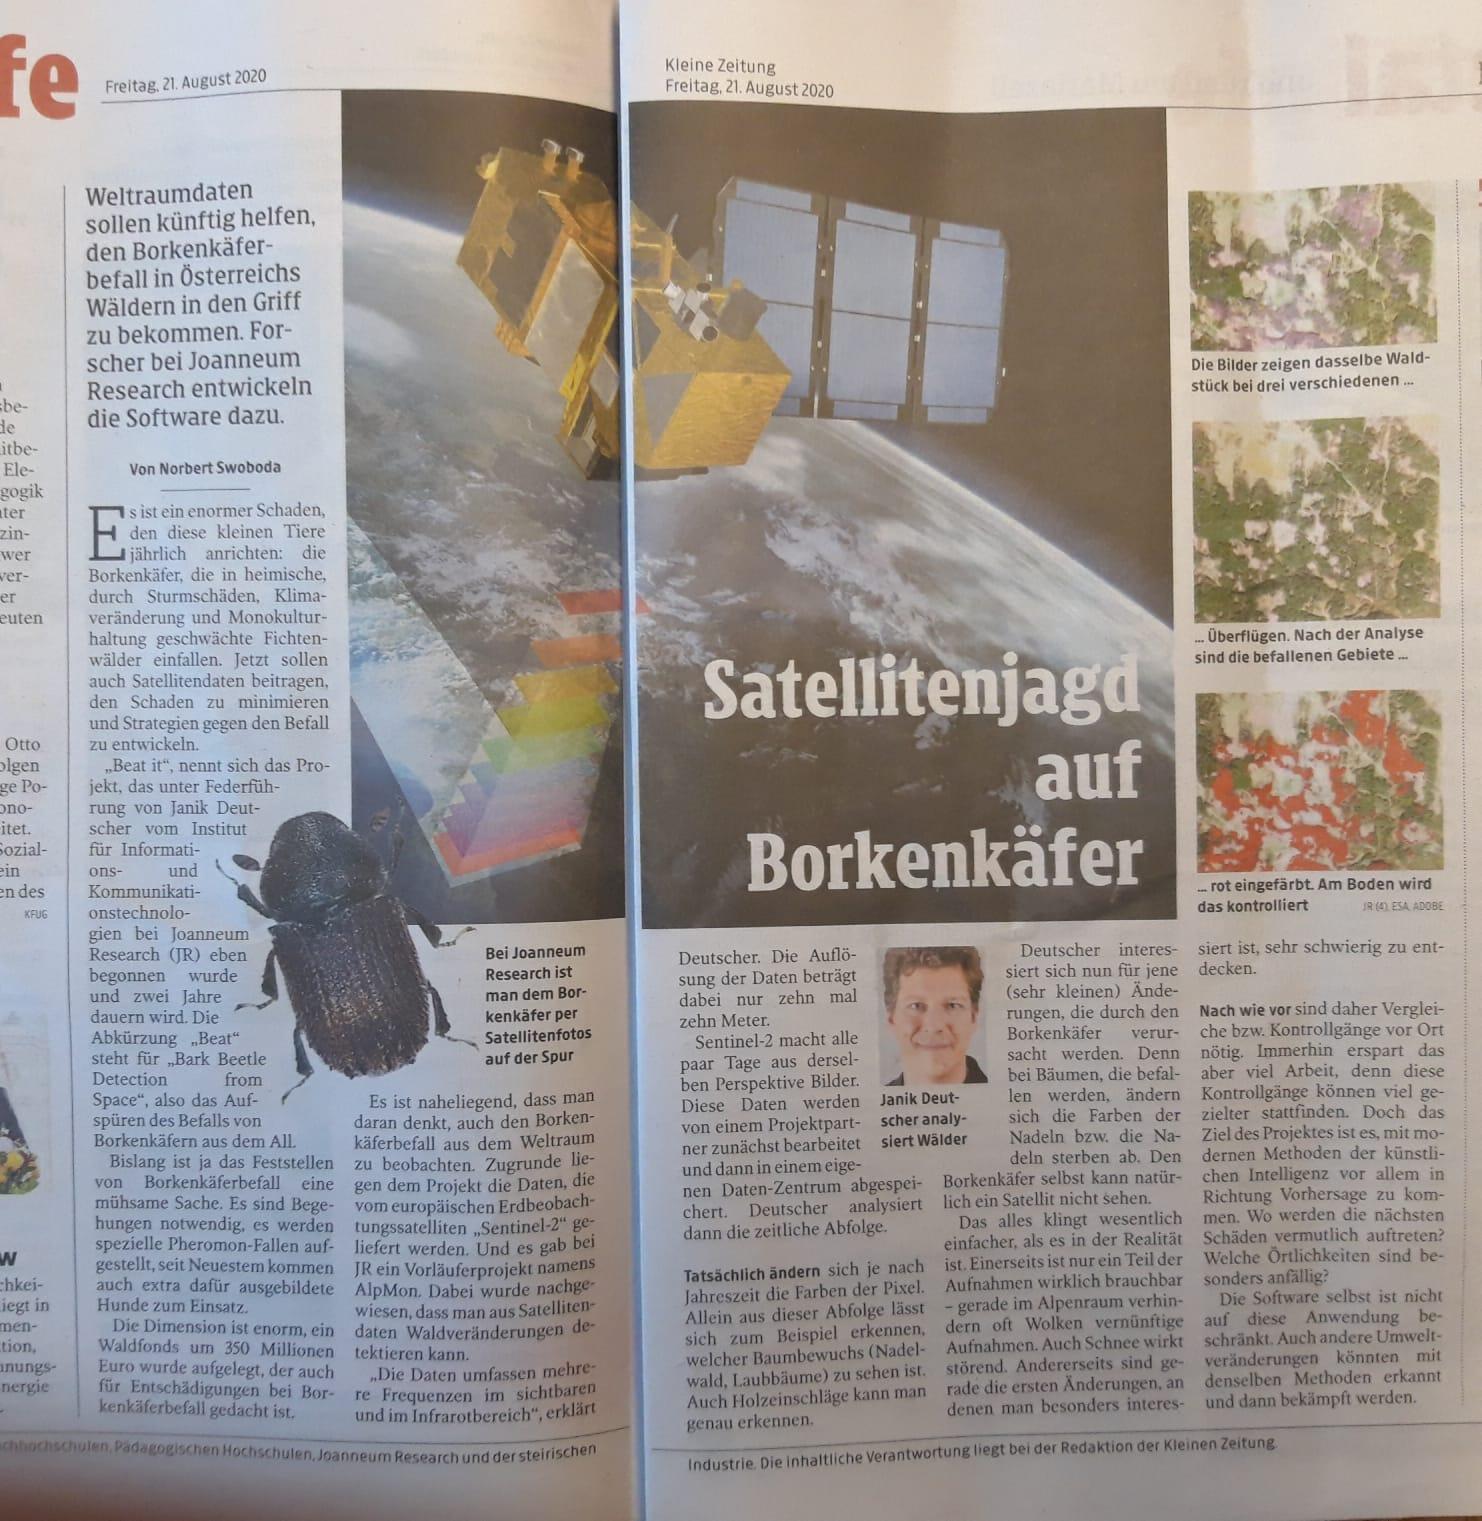 21082020_Kleine Zeitung_Satellitenjagd auf Borkenkäfer